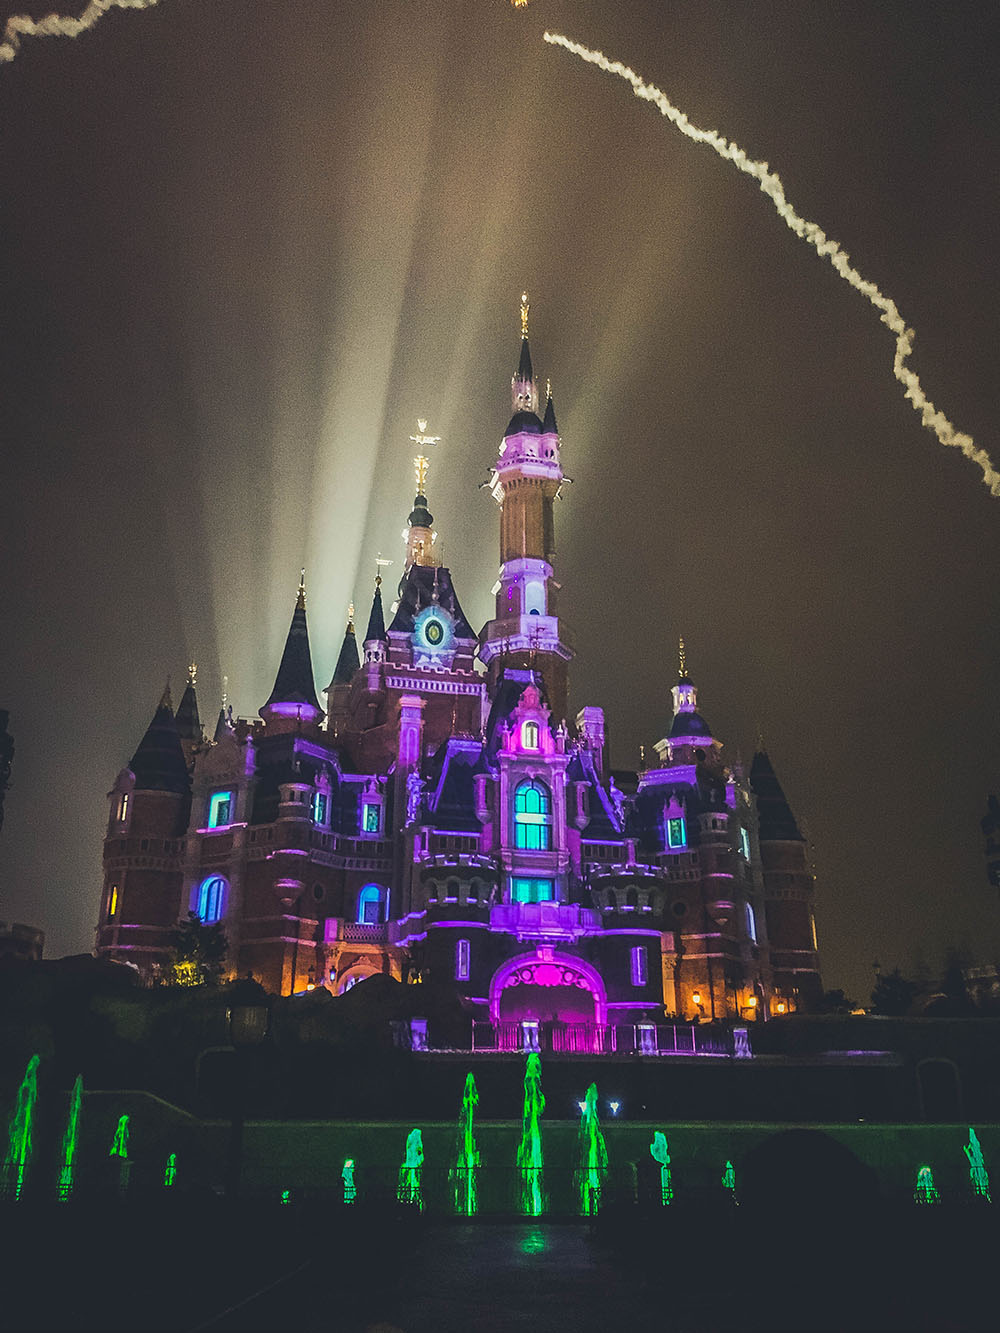 shanghaidisney_castlefireworks7